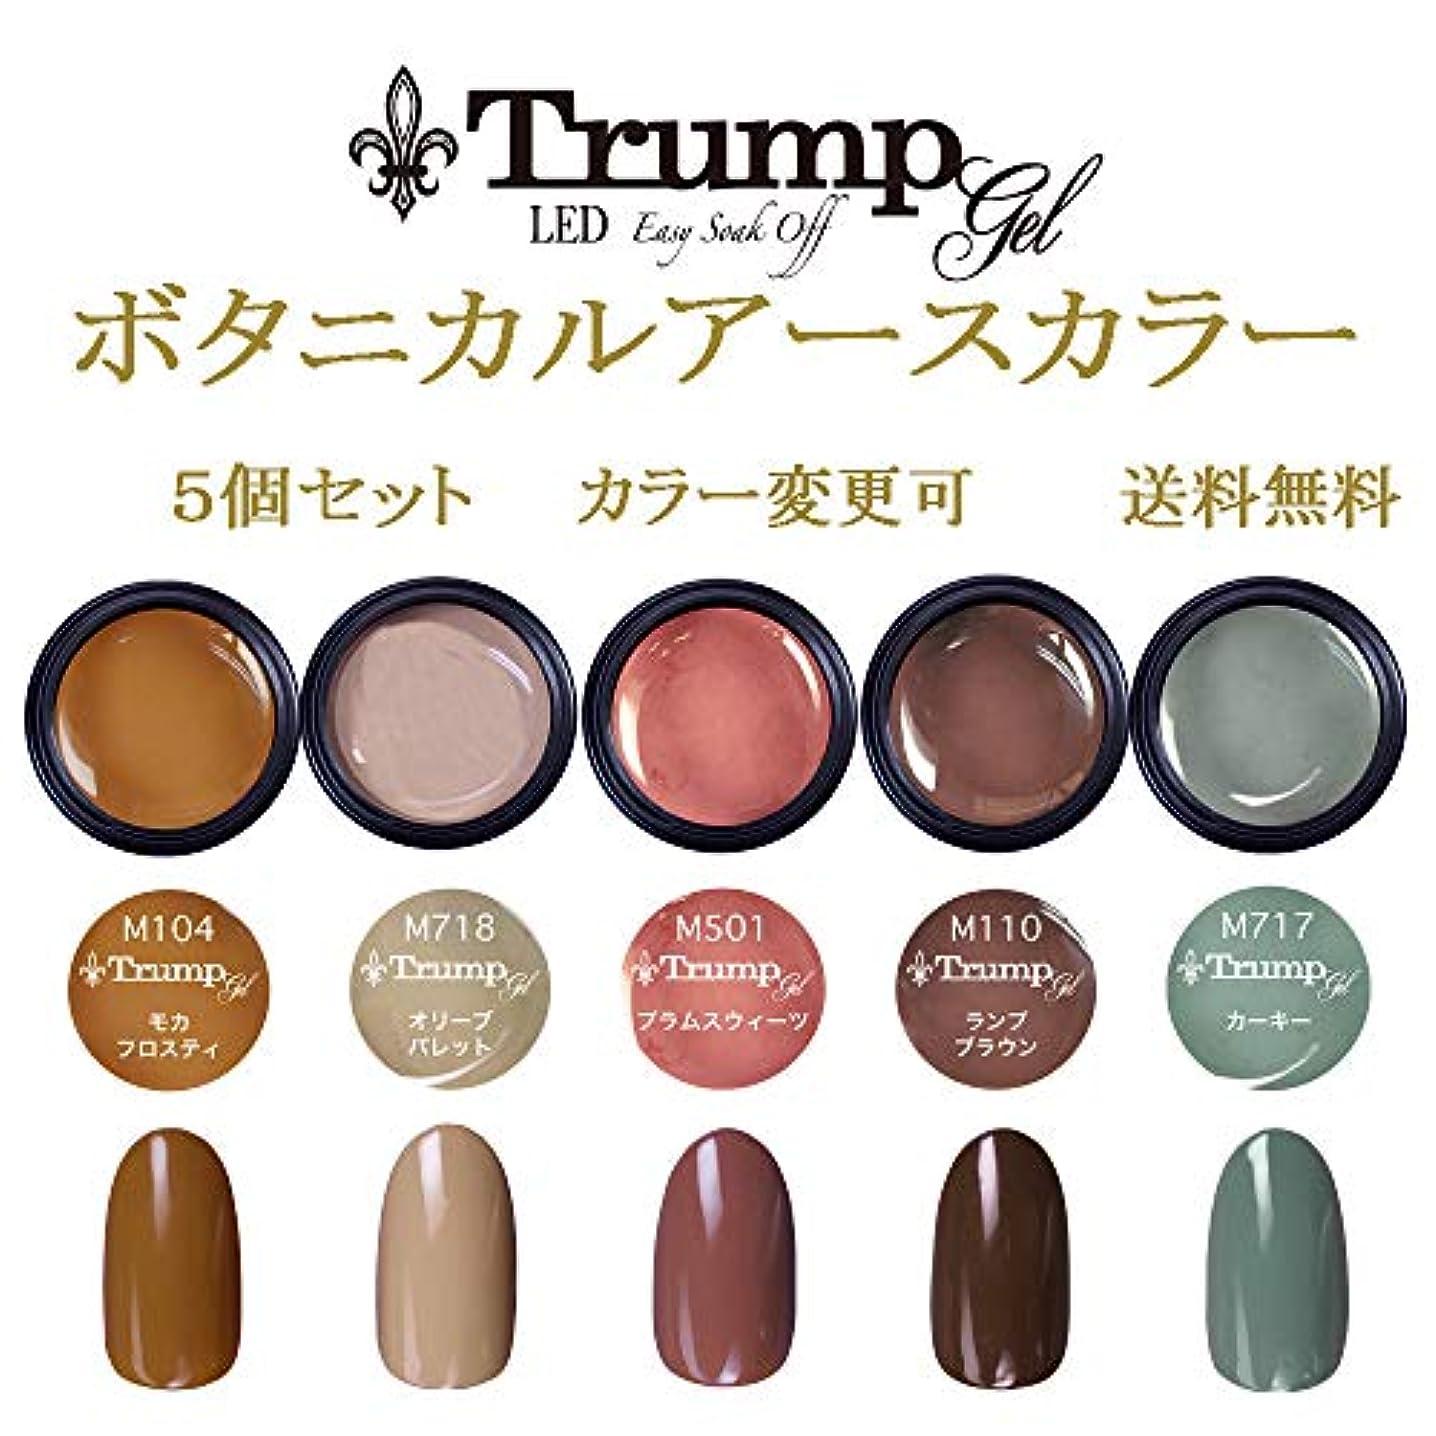 良心圧倒する義務的【送料無料】日本製 Trump gel ボタニカルアースカラージェル5個セット 人気のボタニカルカラーをセット